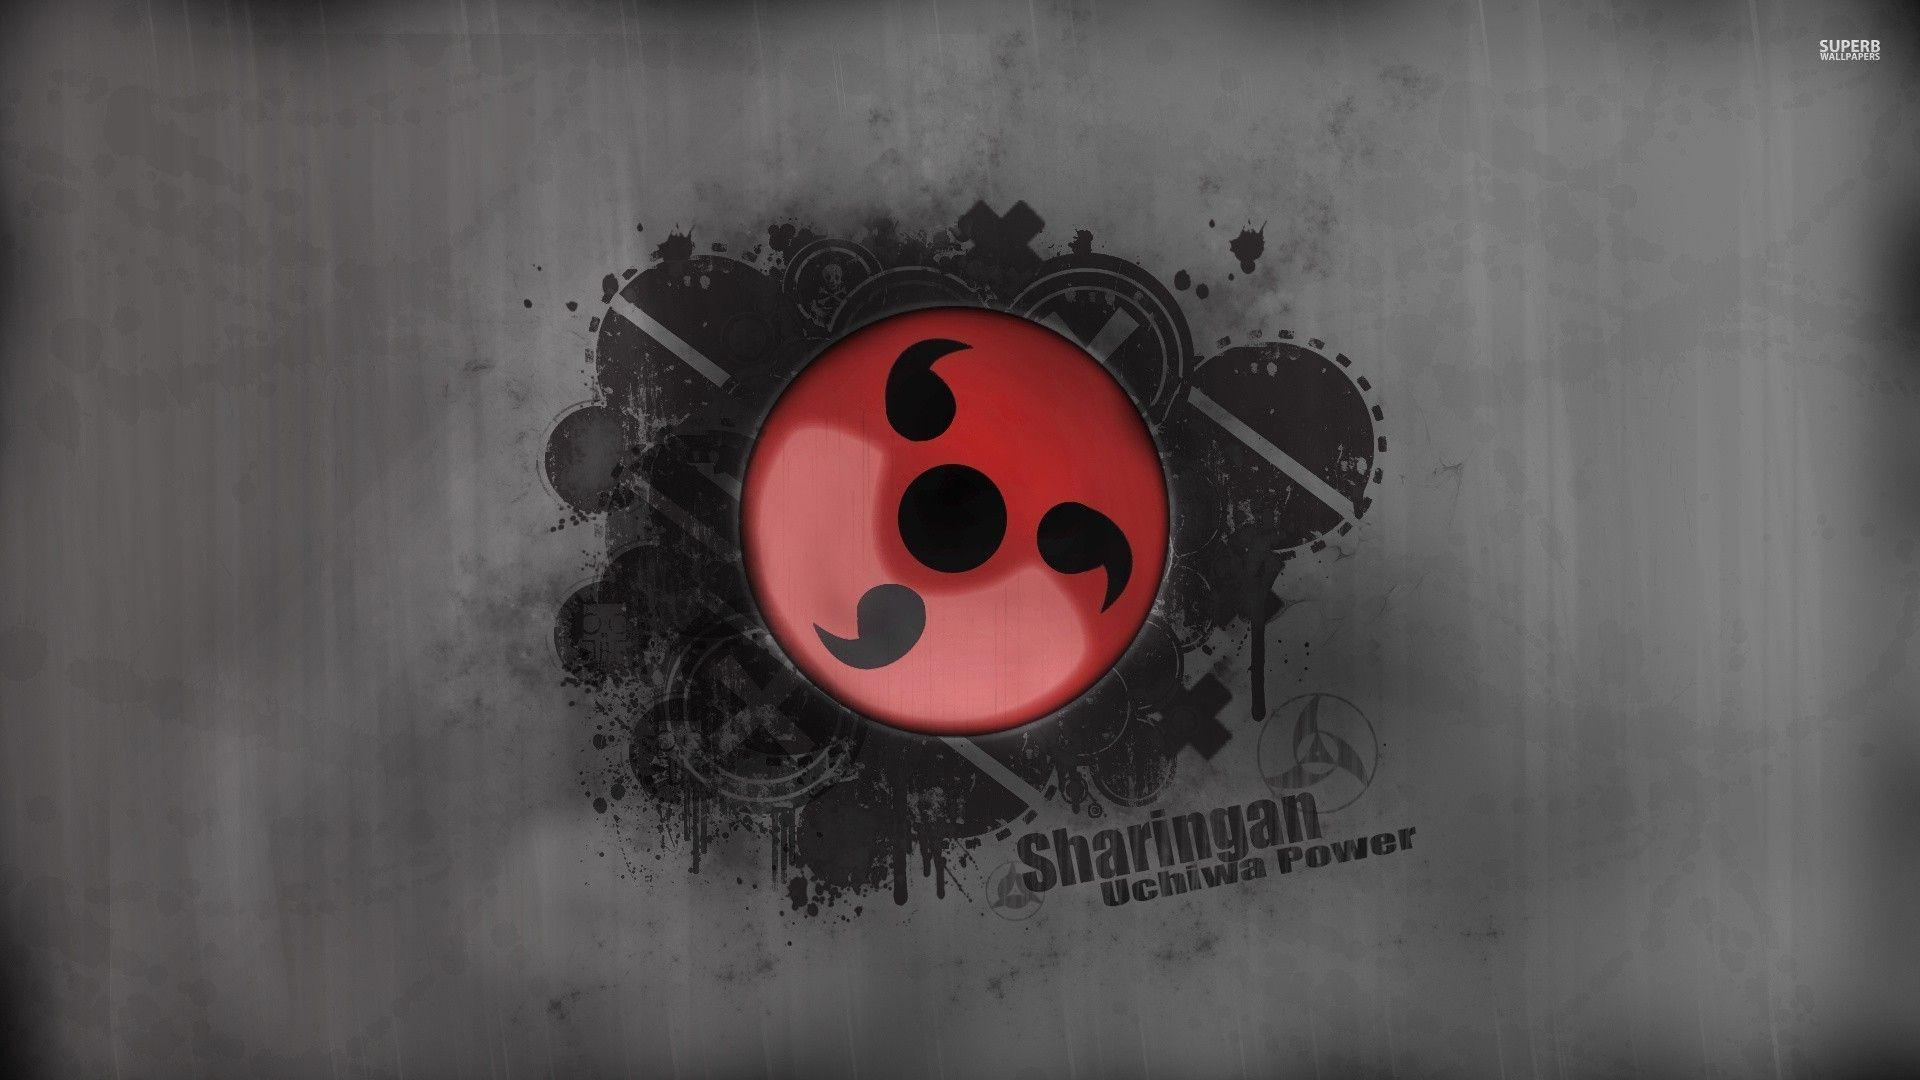 Sharingan naruto wallpaper anime wallpapers 29389 sharingan naruto wallpaper anime wallpapers 29389 voltagebd Choice Image